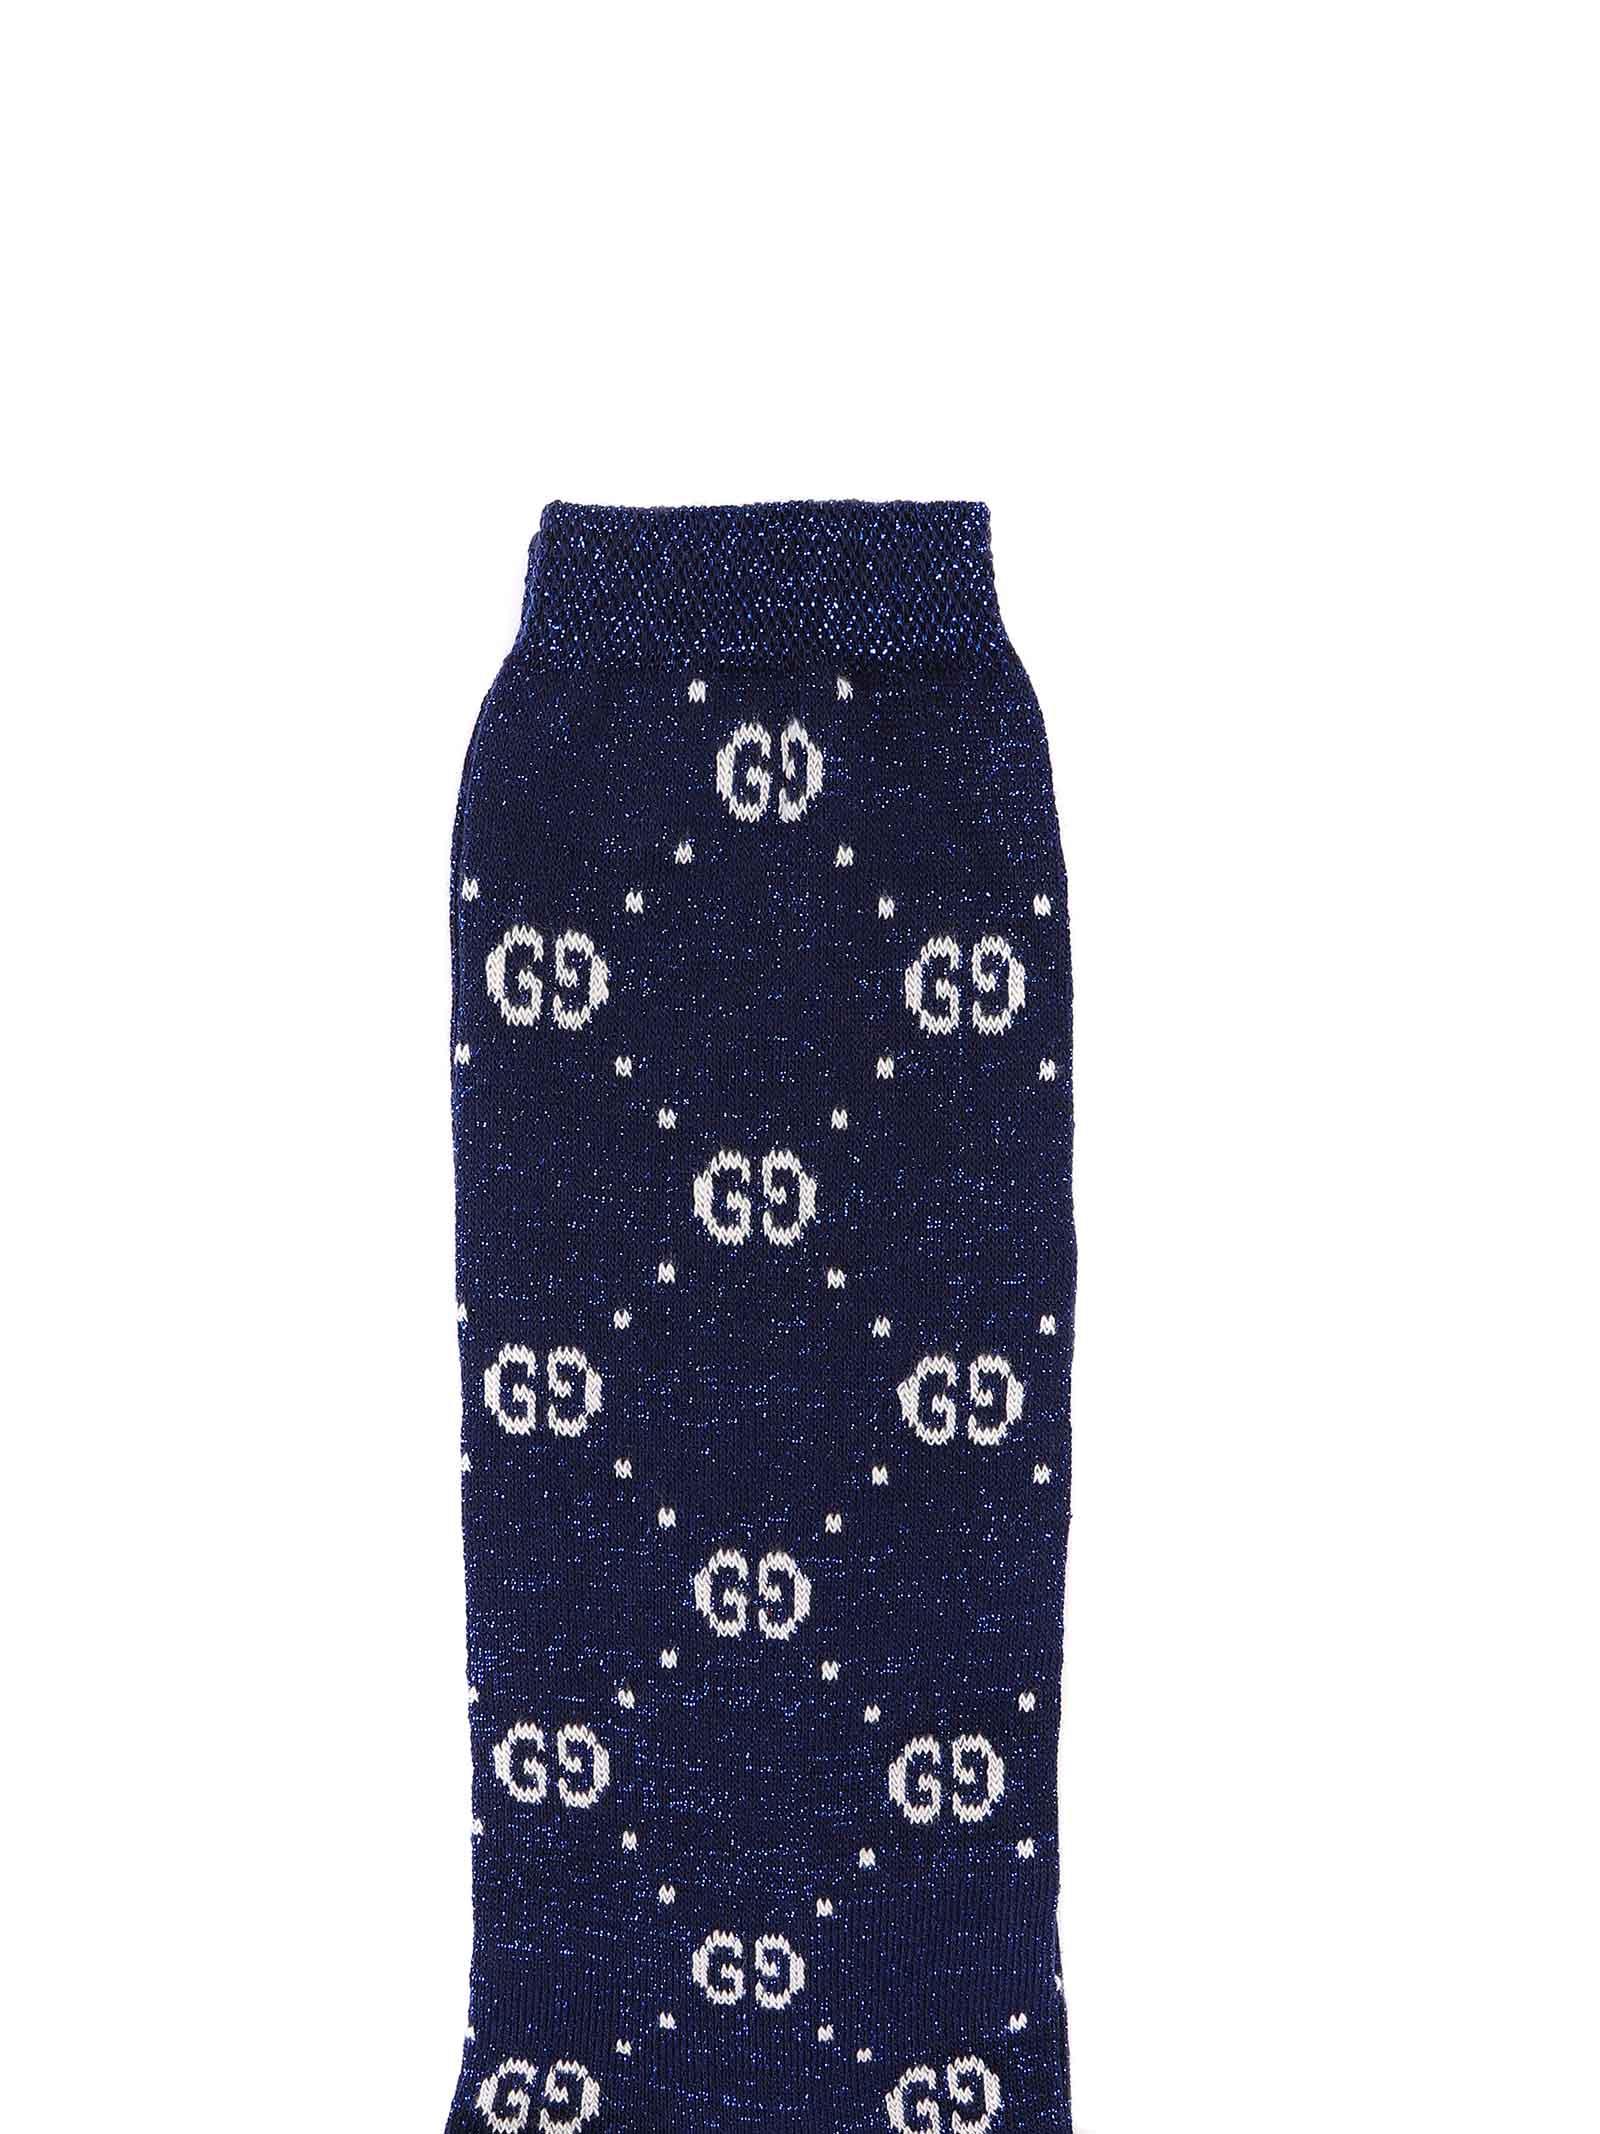 calzini fondo blu lurex con logo bianco Gucci | Calzini | 480715 4K4434278